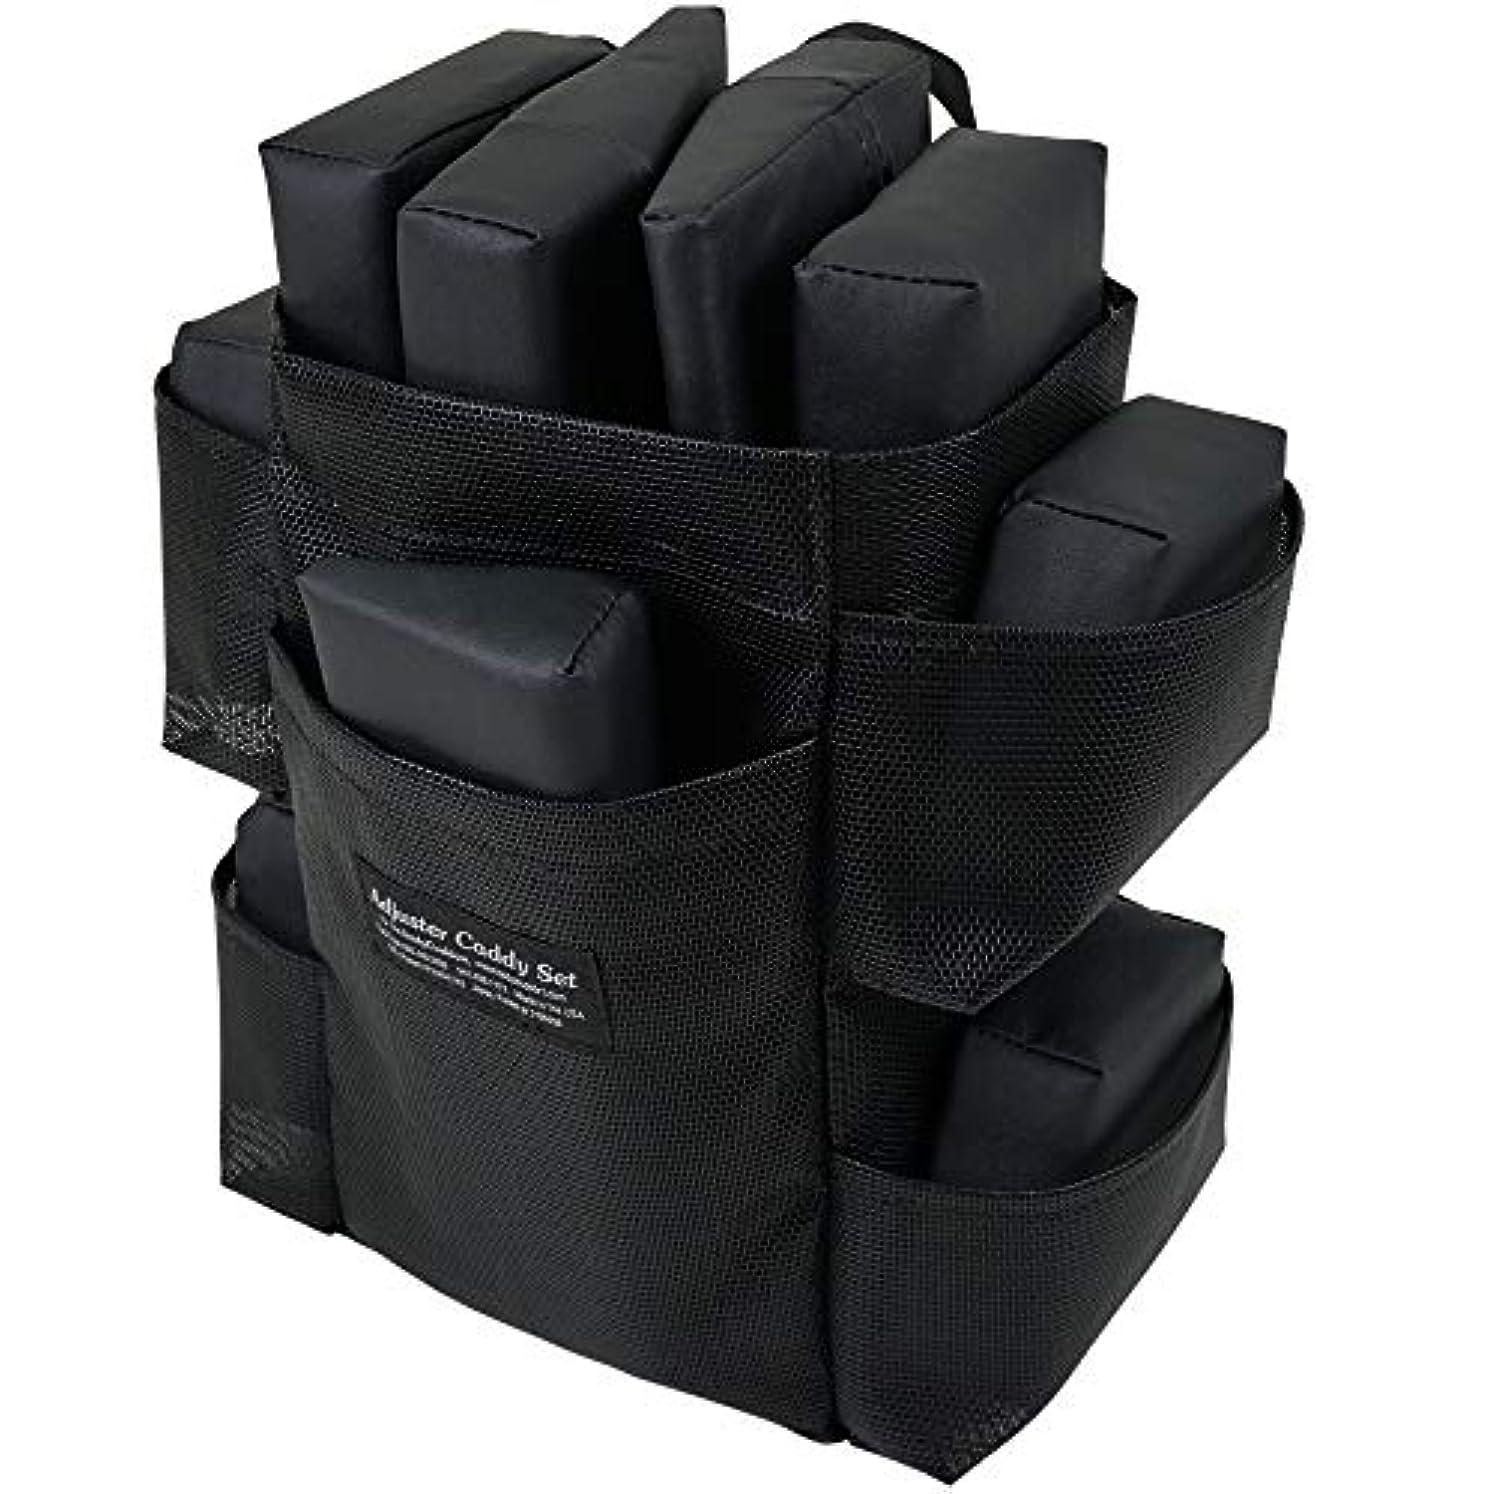 おじさんに話す後世ピースバッグセット ボディークッション 用 の エクステンダーピース と アジャスターピース バッグ付き